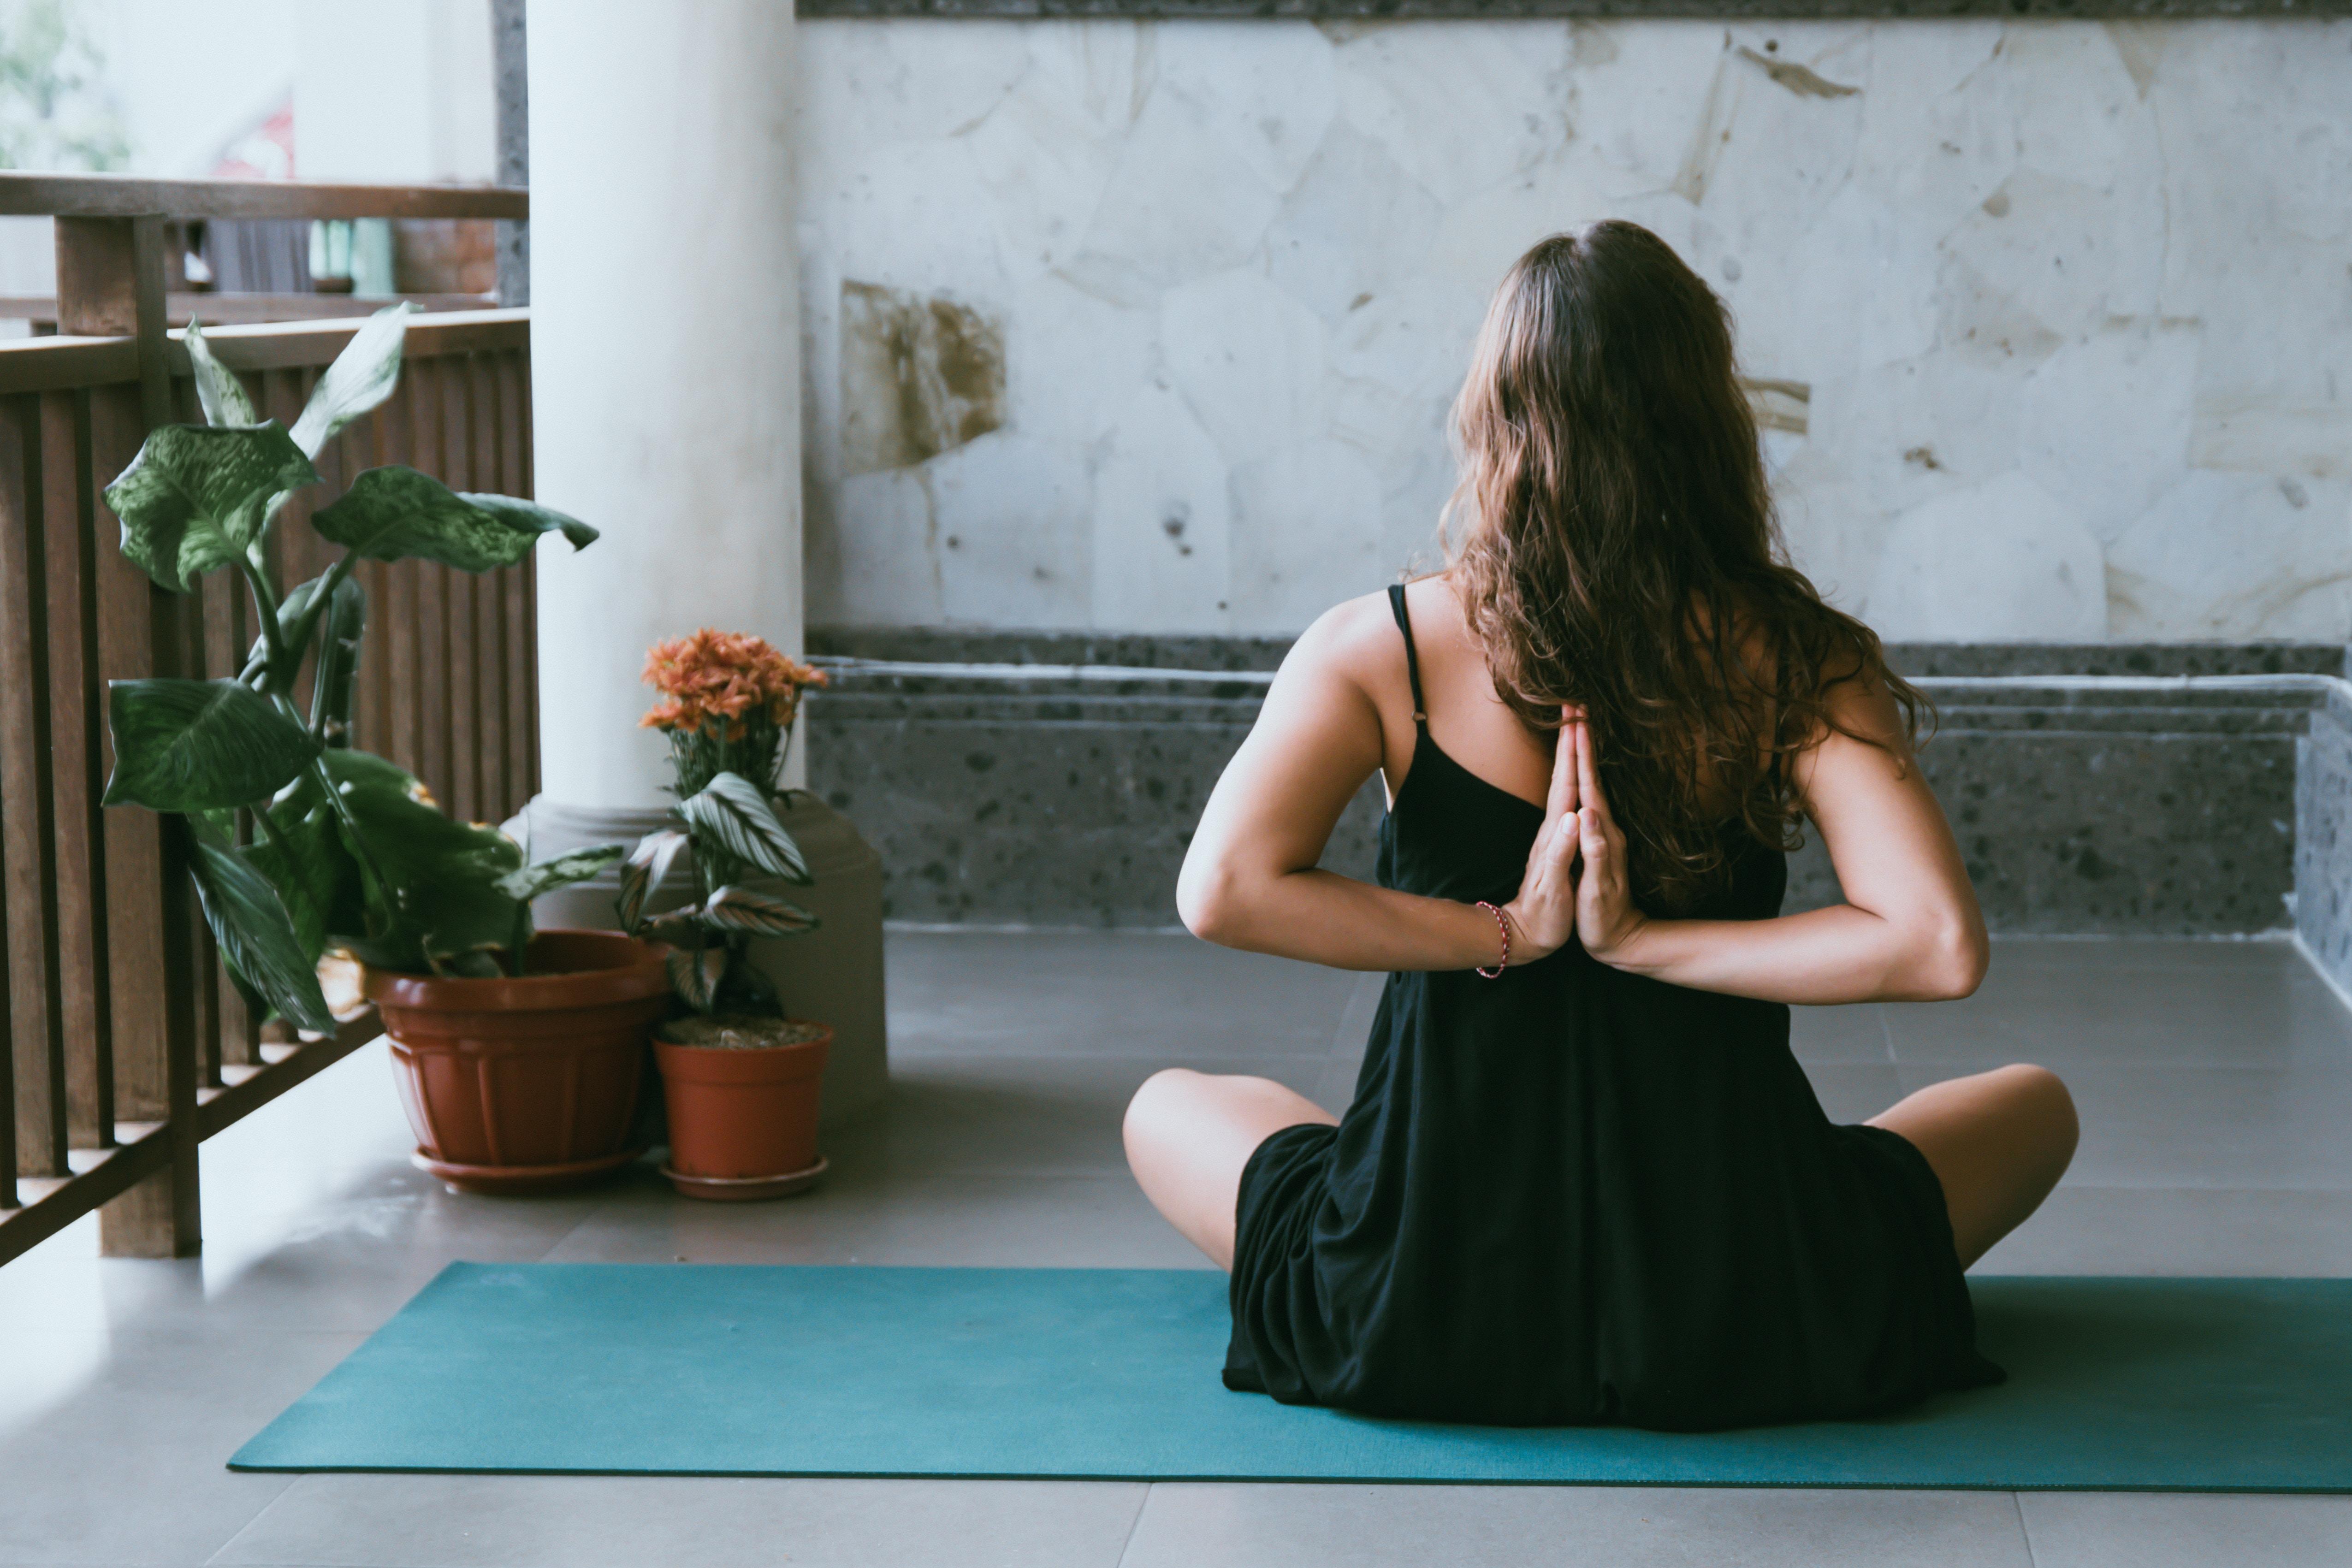 8 Ejercicios De Yoga Para Embarazadas Que Puedes Hacer En Casa Medioambientum Cronicas De La Naturaleza